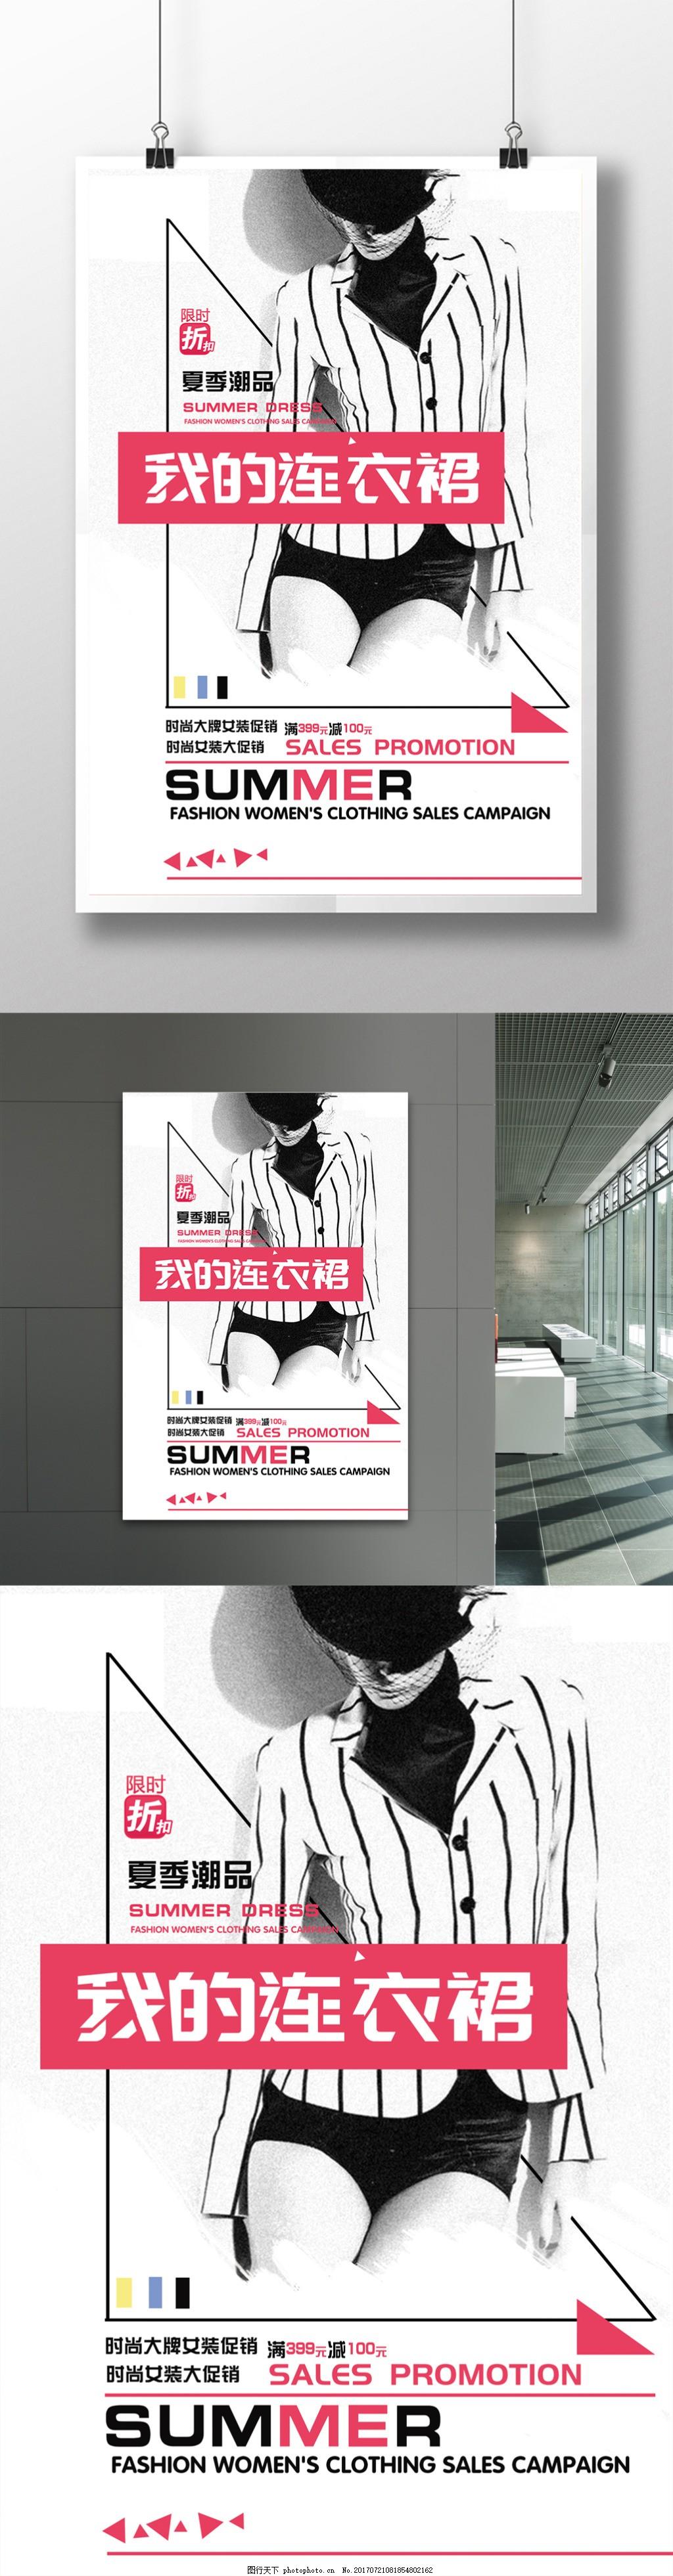 简约黑白夏季连衣裙商场促销海拔 春季 上新 春季上新 新装 上市